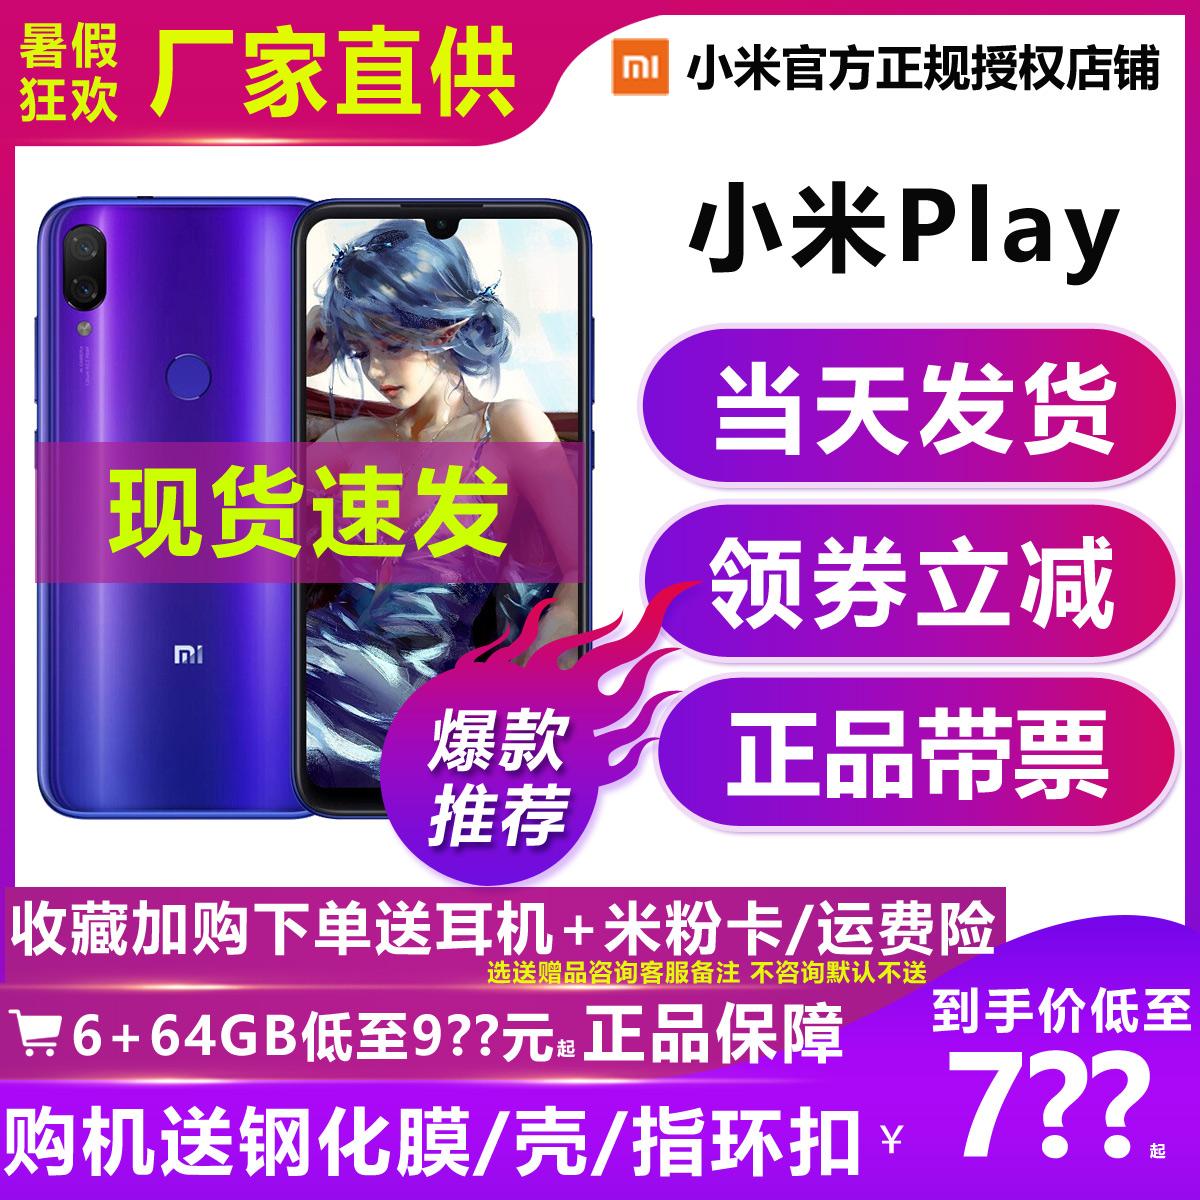 【领券立减 送壳/膜/耳机/支架】Xiaomi/小米Play 手机 小米官方旗舰满1299.00元可用300元优惠券